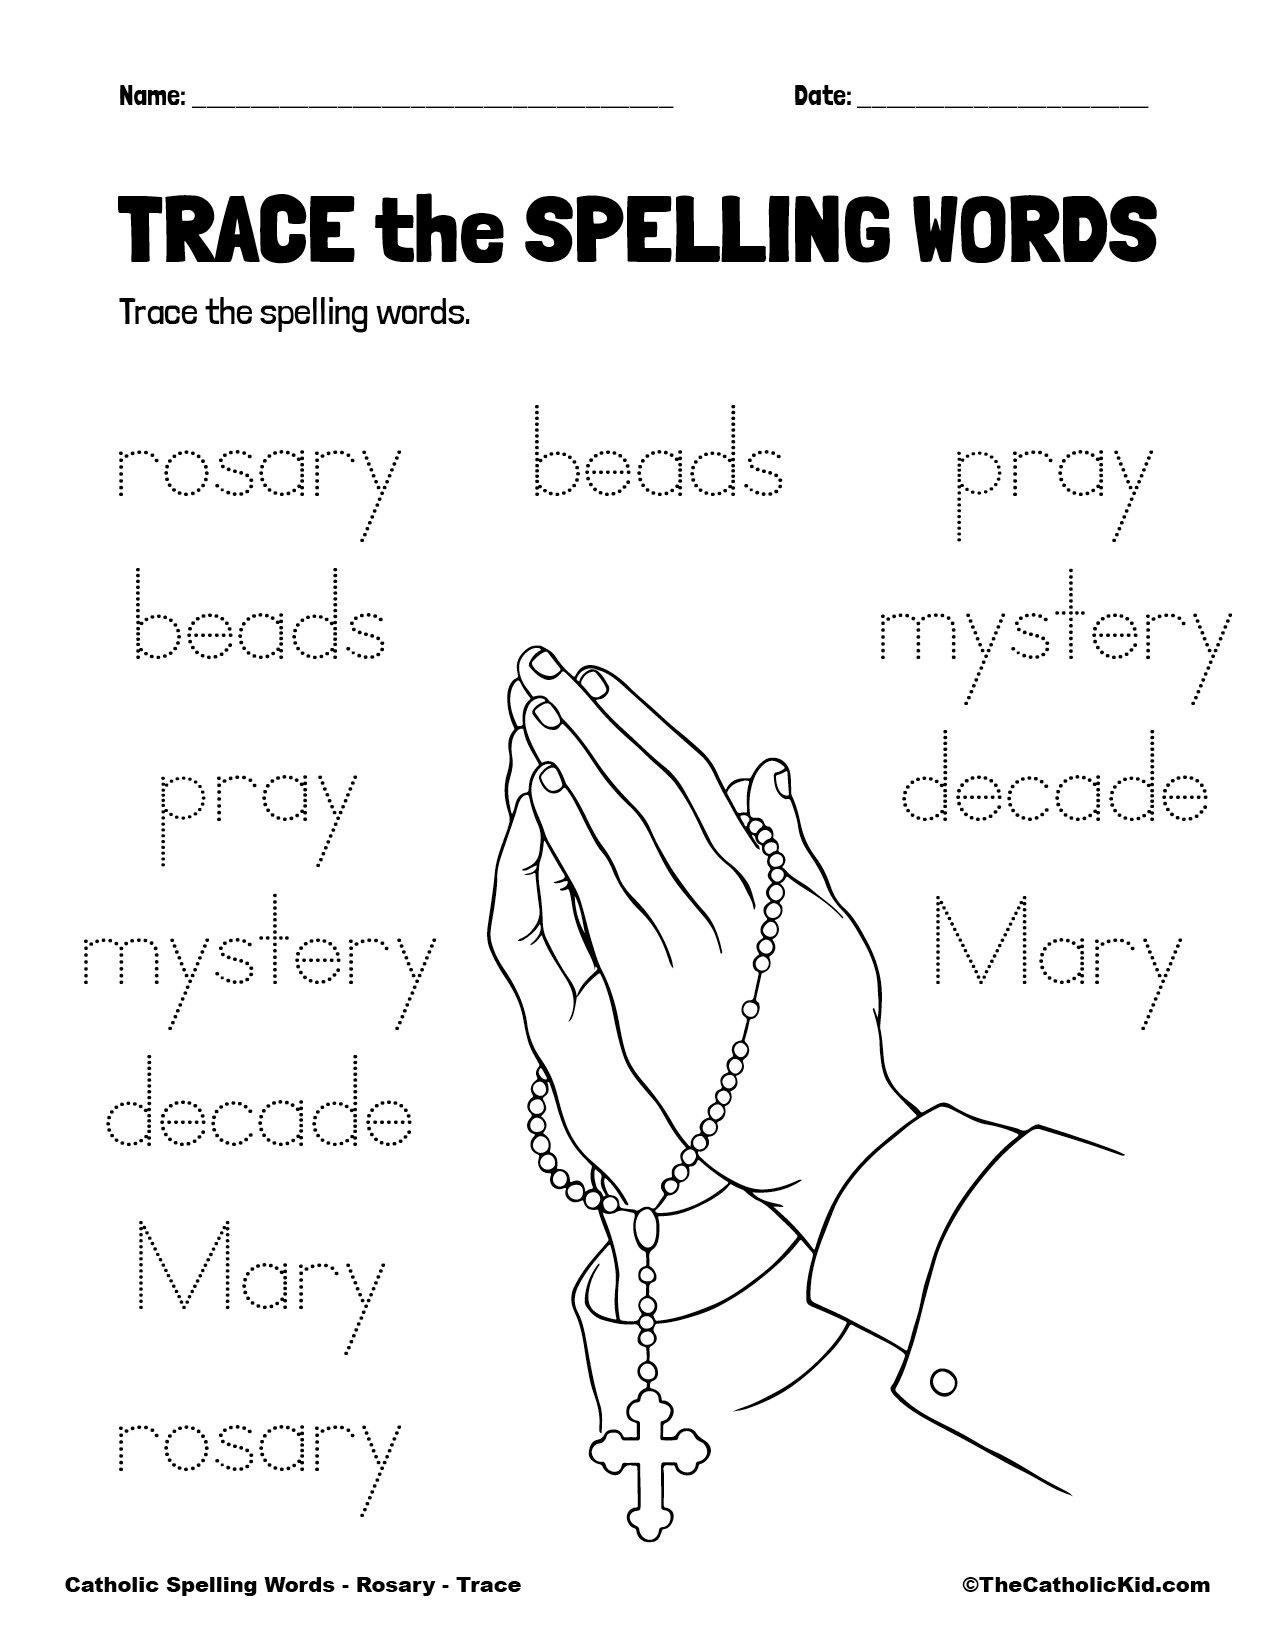 Catholic Spelling & Vocabulary Words Rosary Worksheet 2 Trace